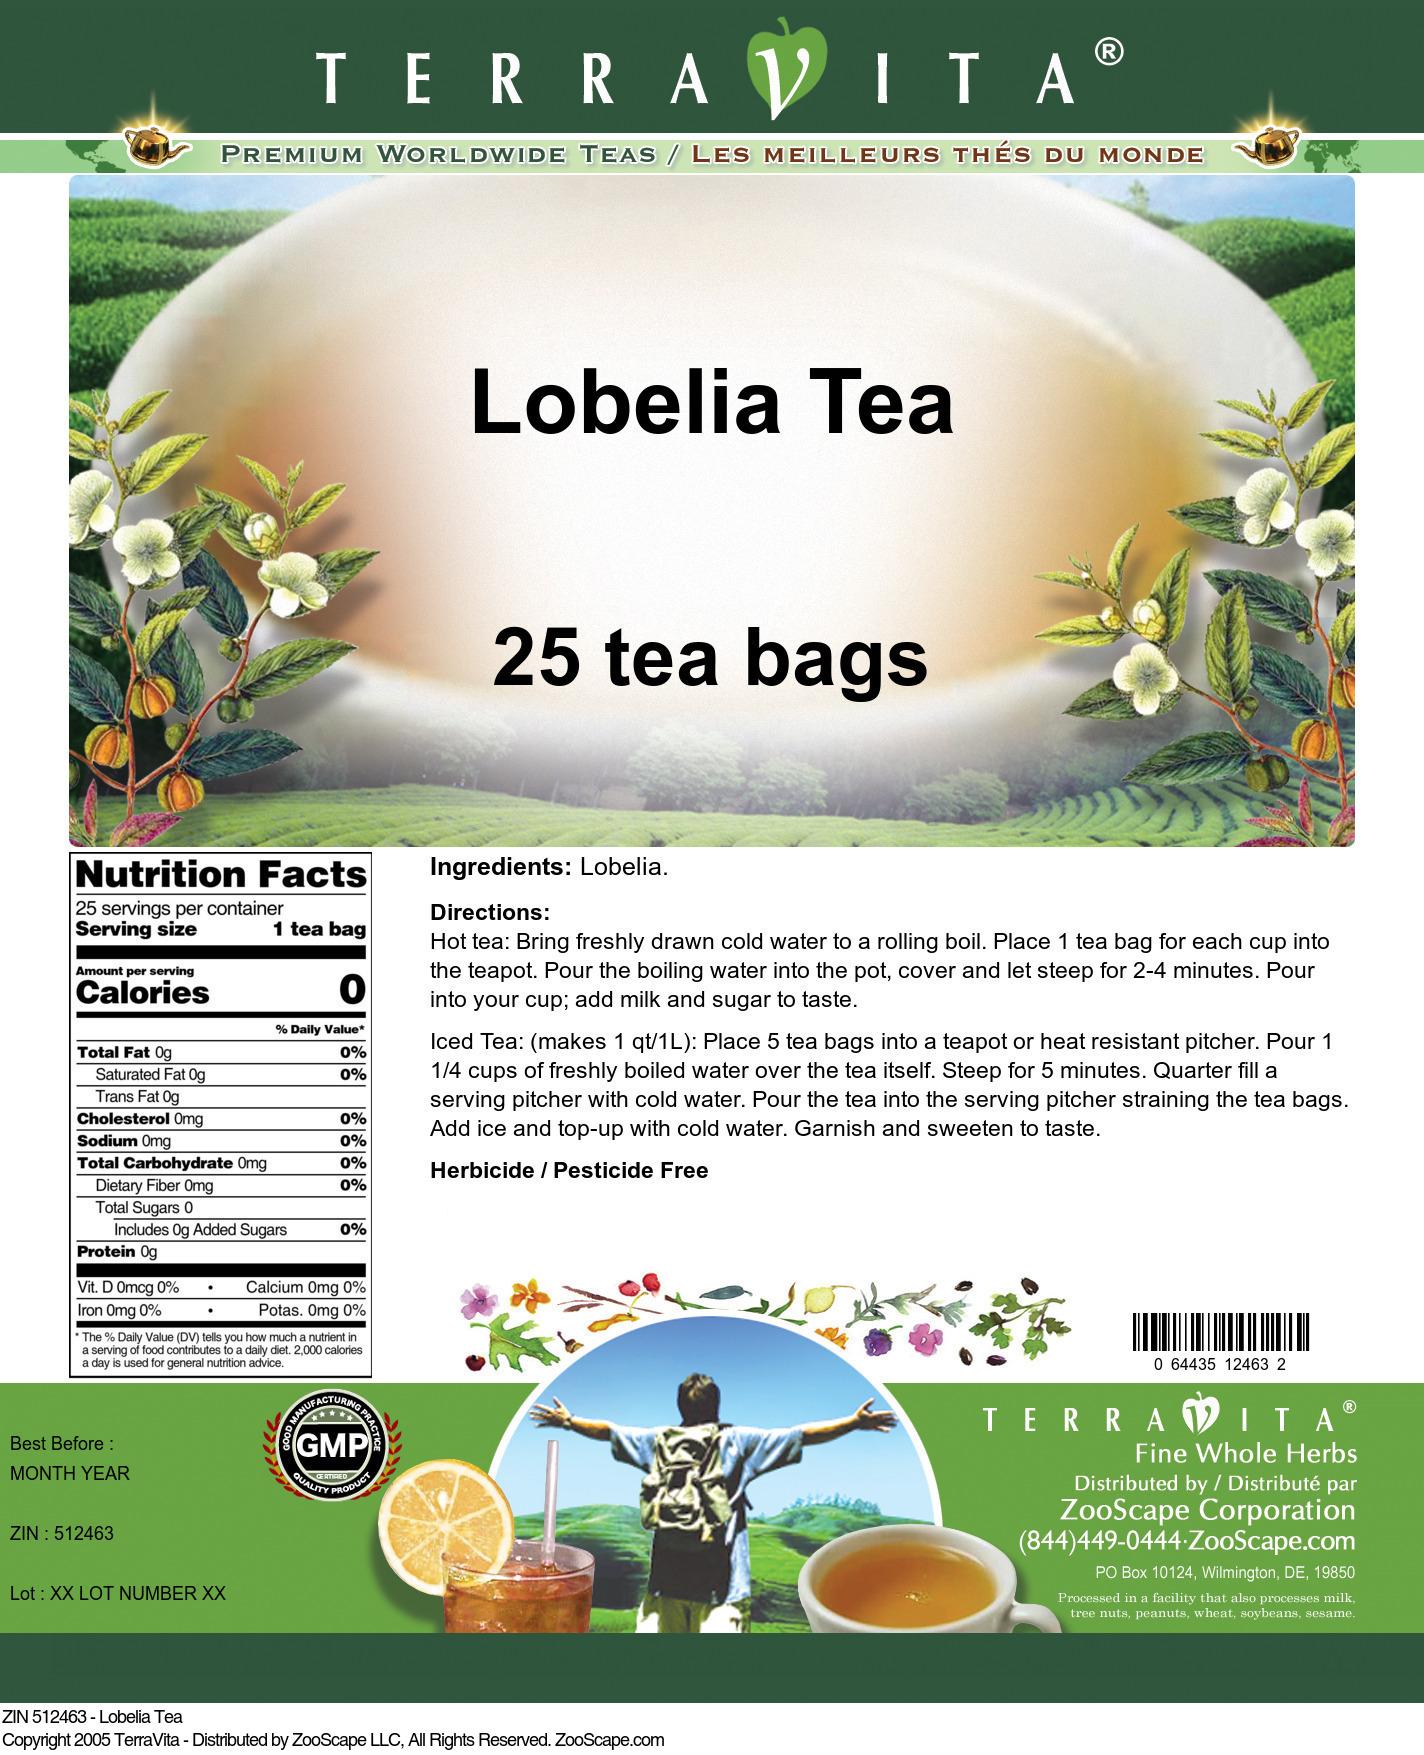 Lobelia Tea